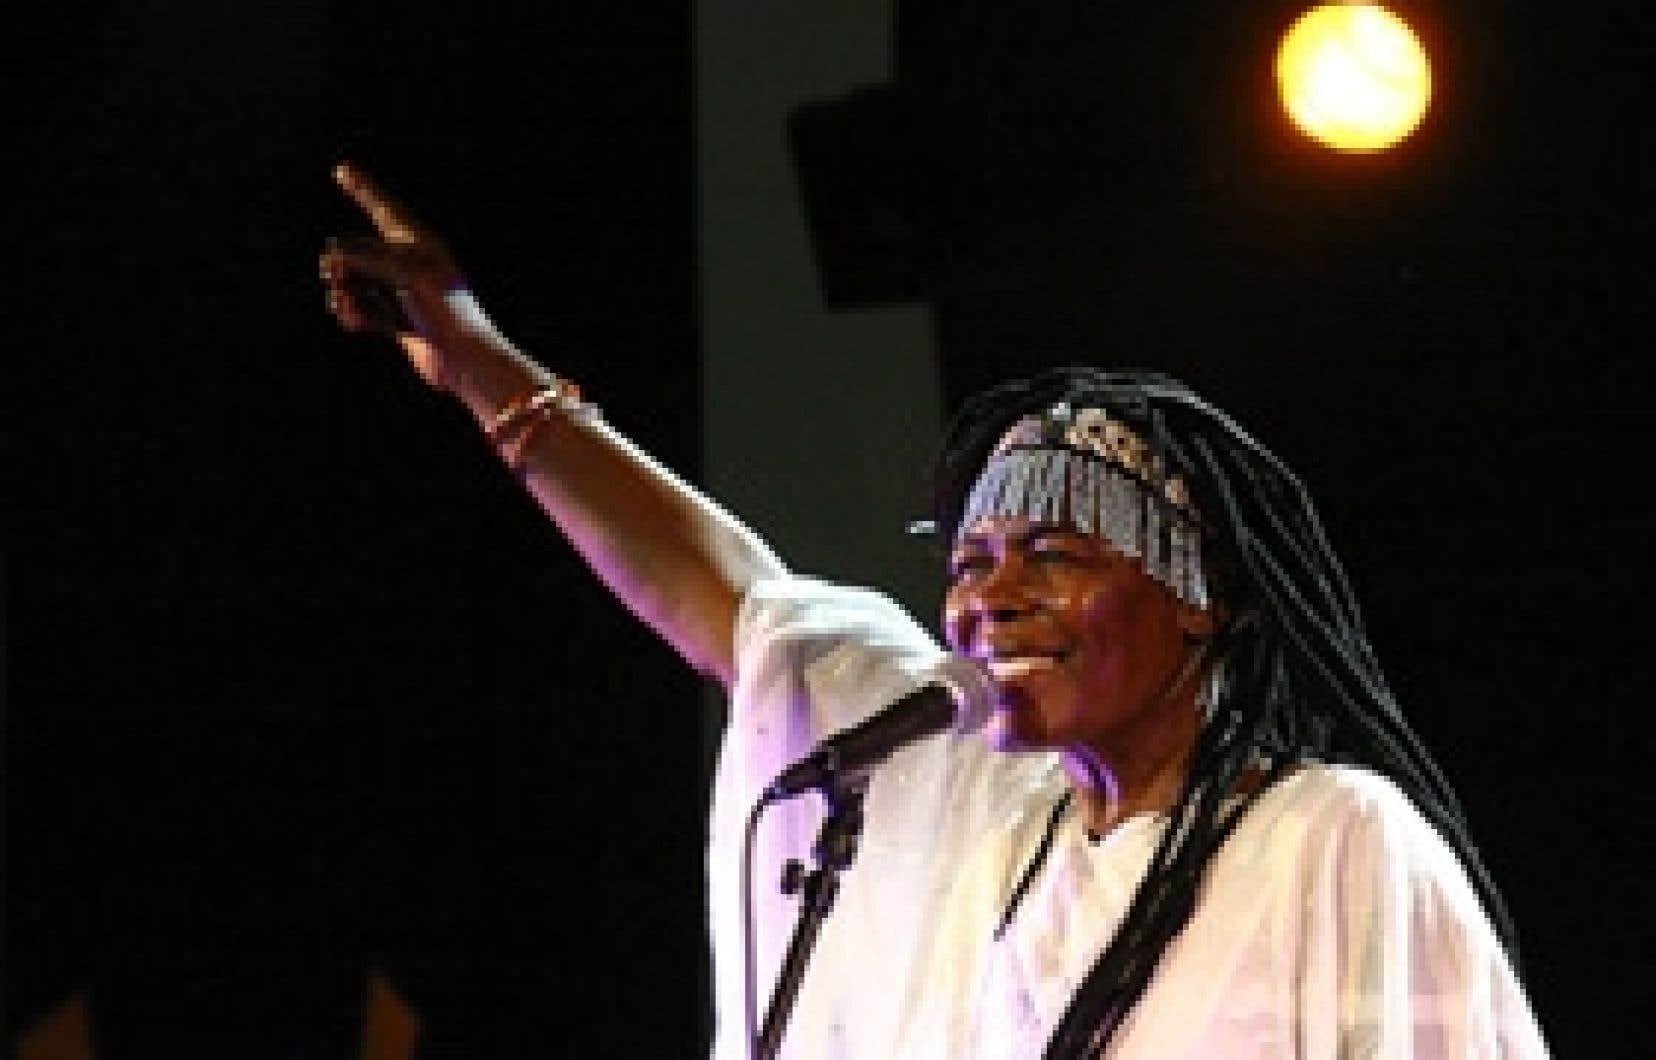 source fina Stella Chiweshe fut la première à se faire reconnaître dans un monde jusque-là réservé aux hommes, la première à jouer du mbira lors de rencontres clandestines. Source:FINA